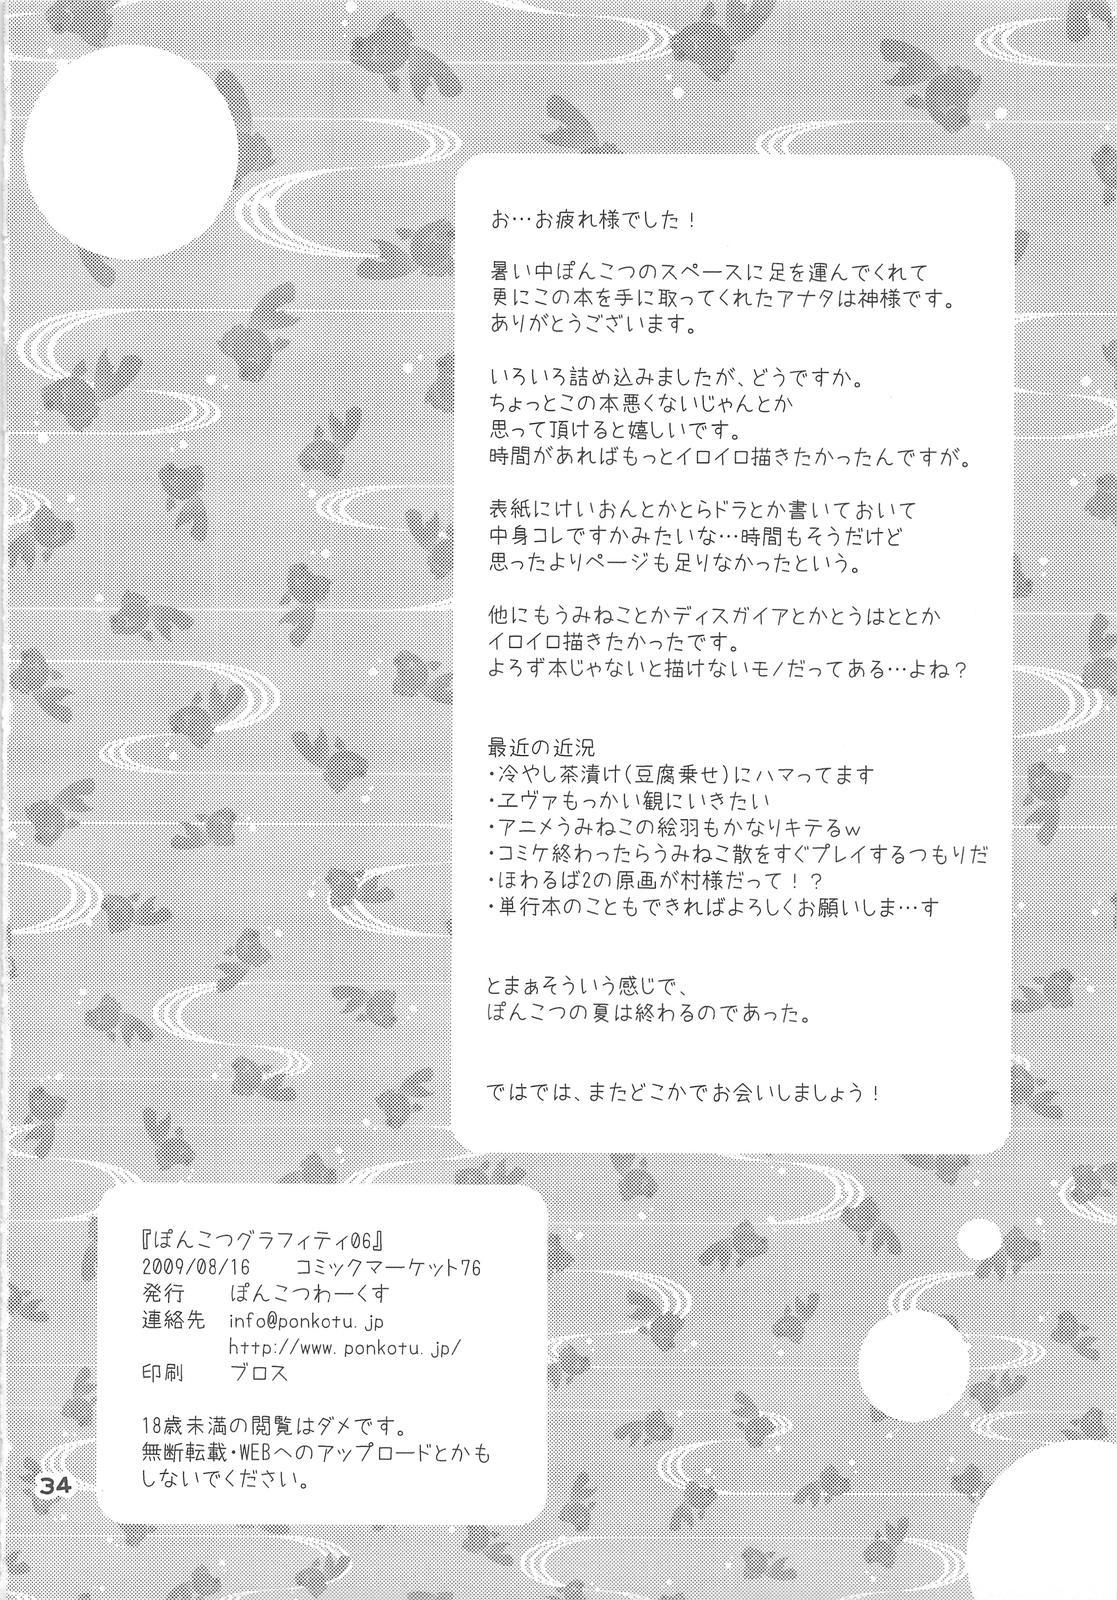 Ponkotsu Graffiti VOL.06 32